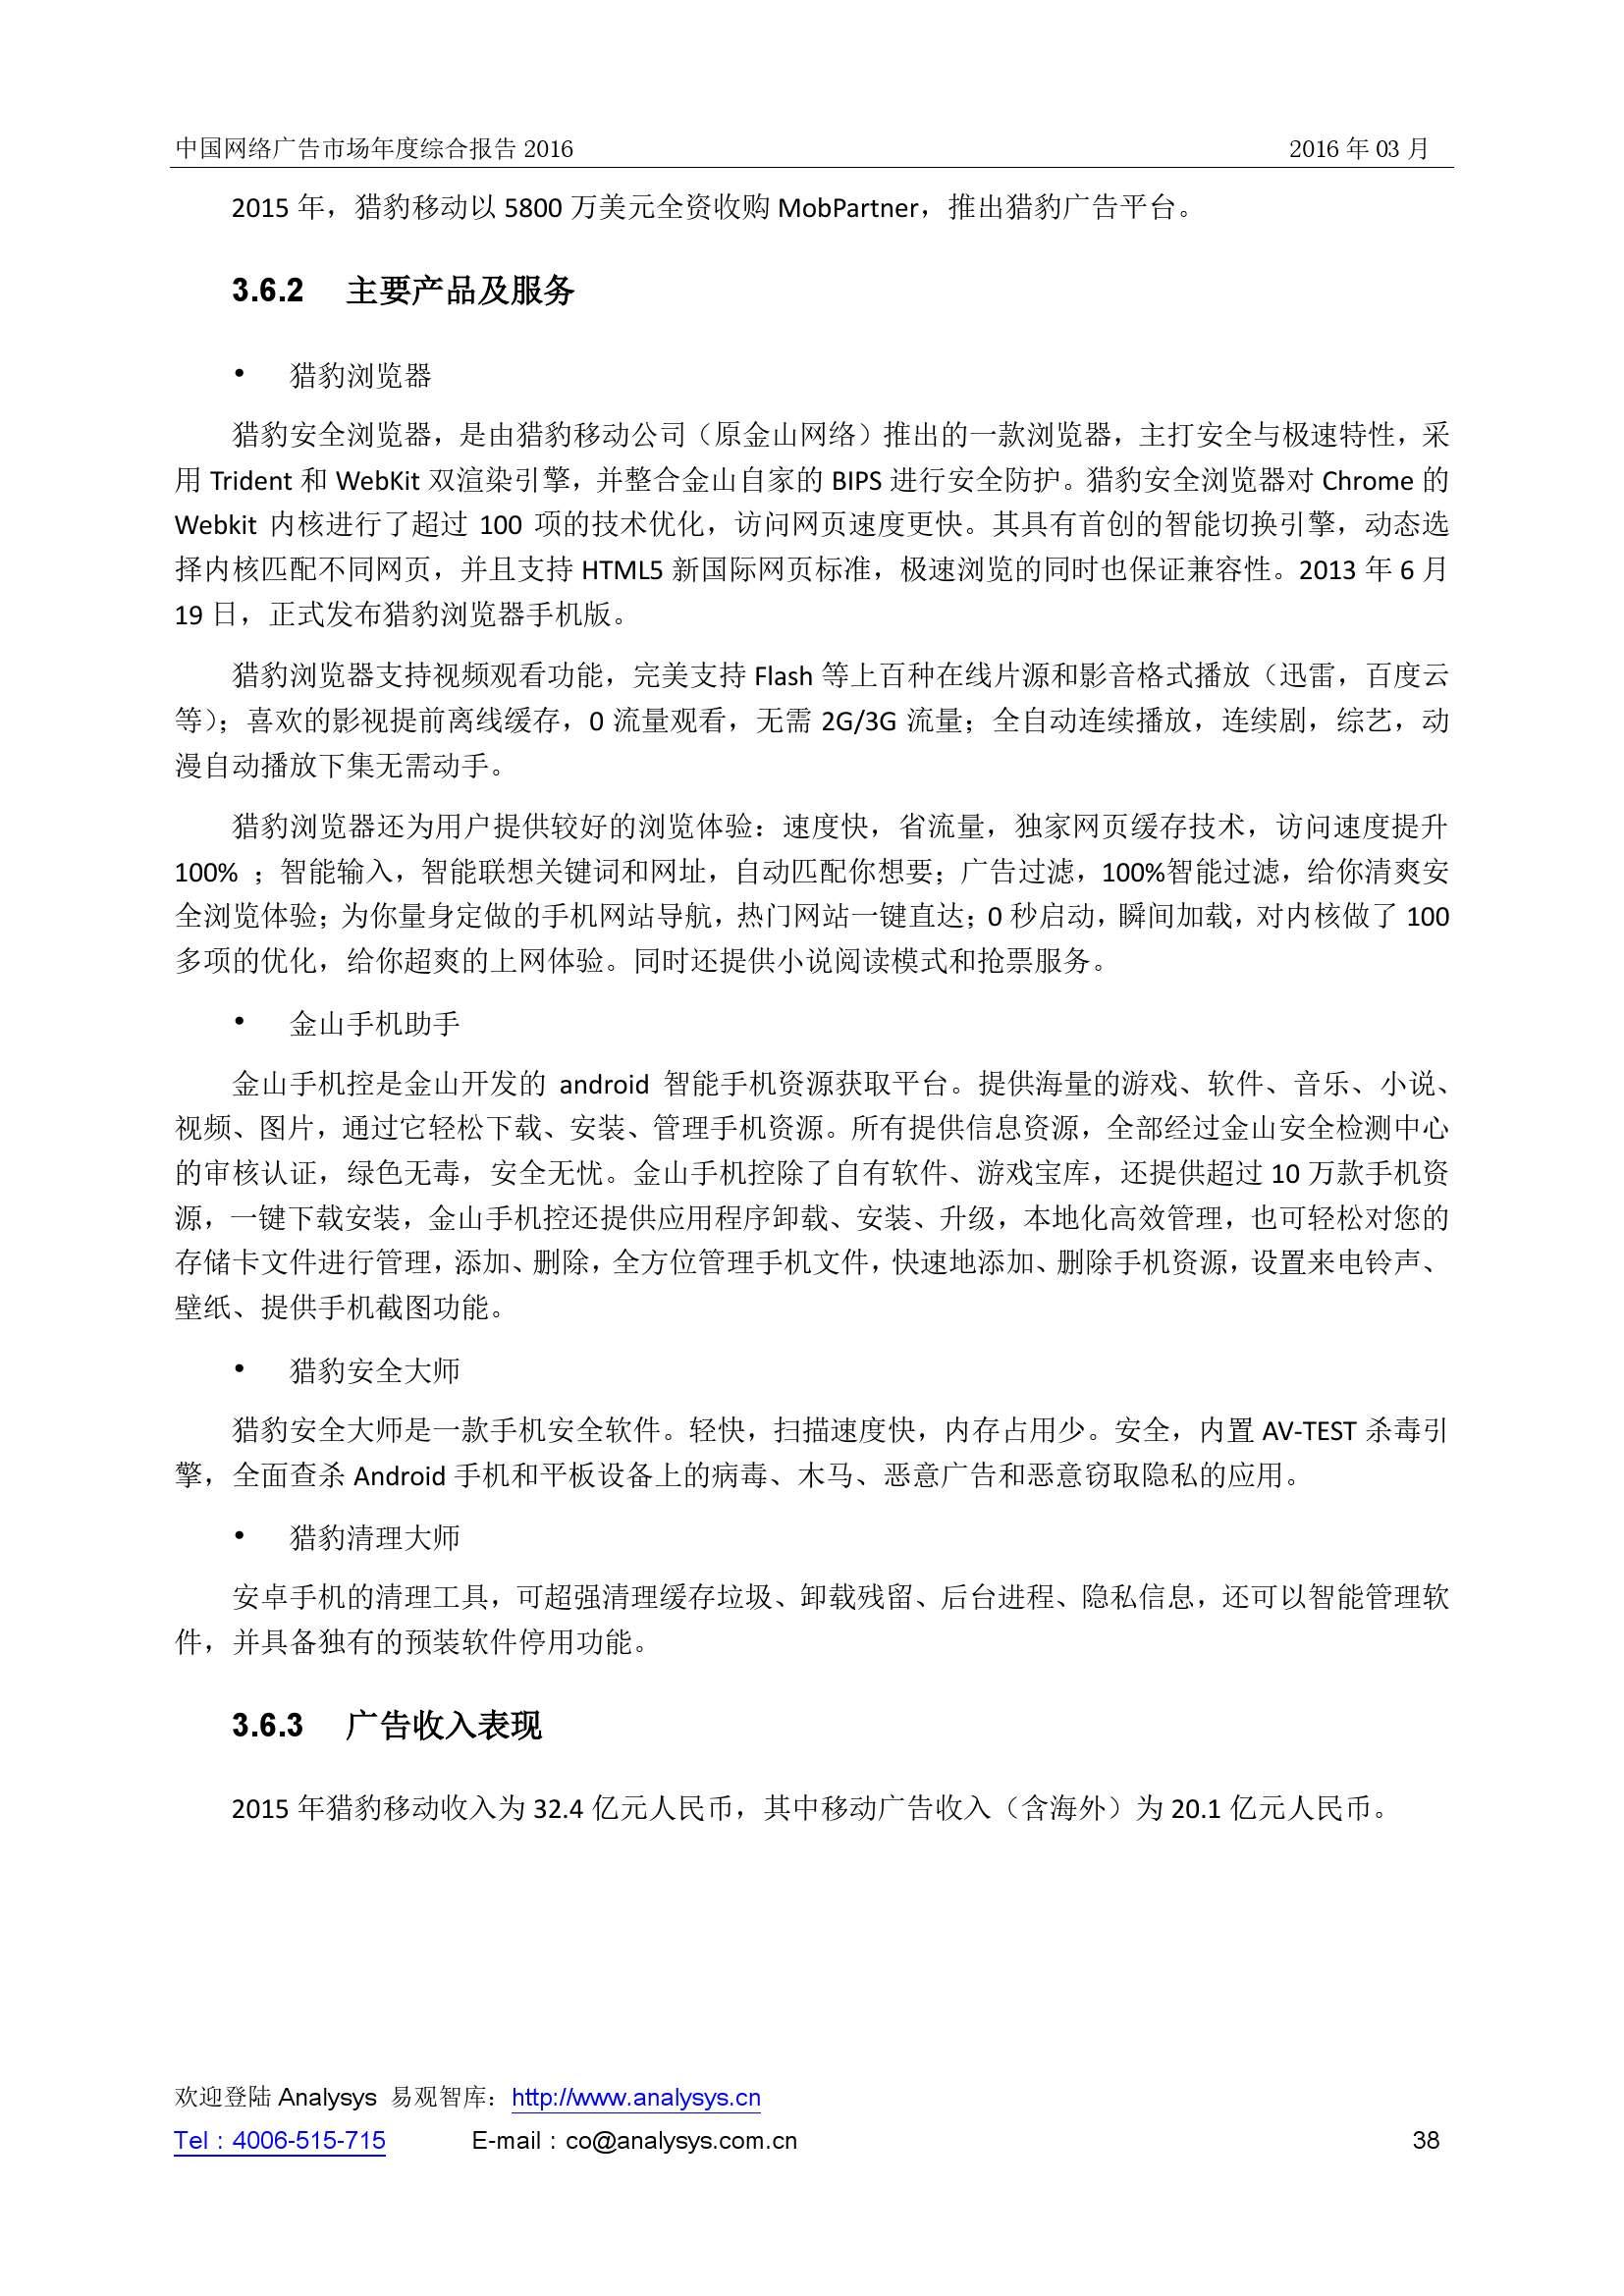 中国网络广告市场年度综合报告2016_000038